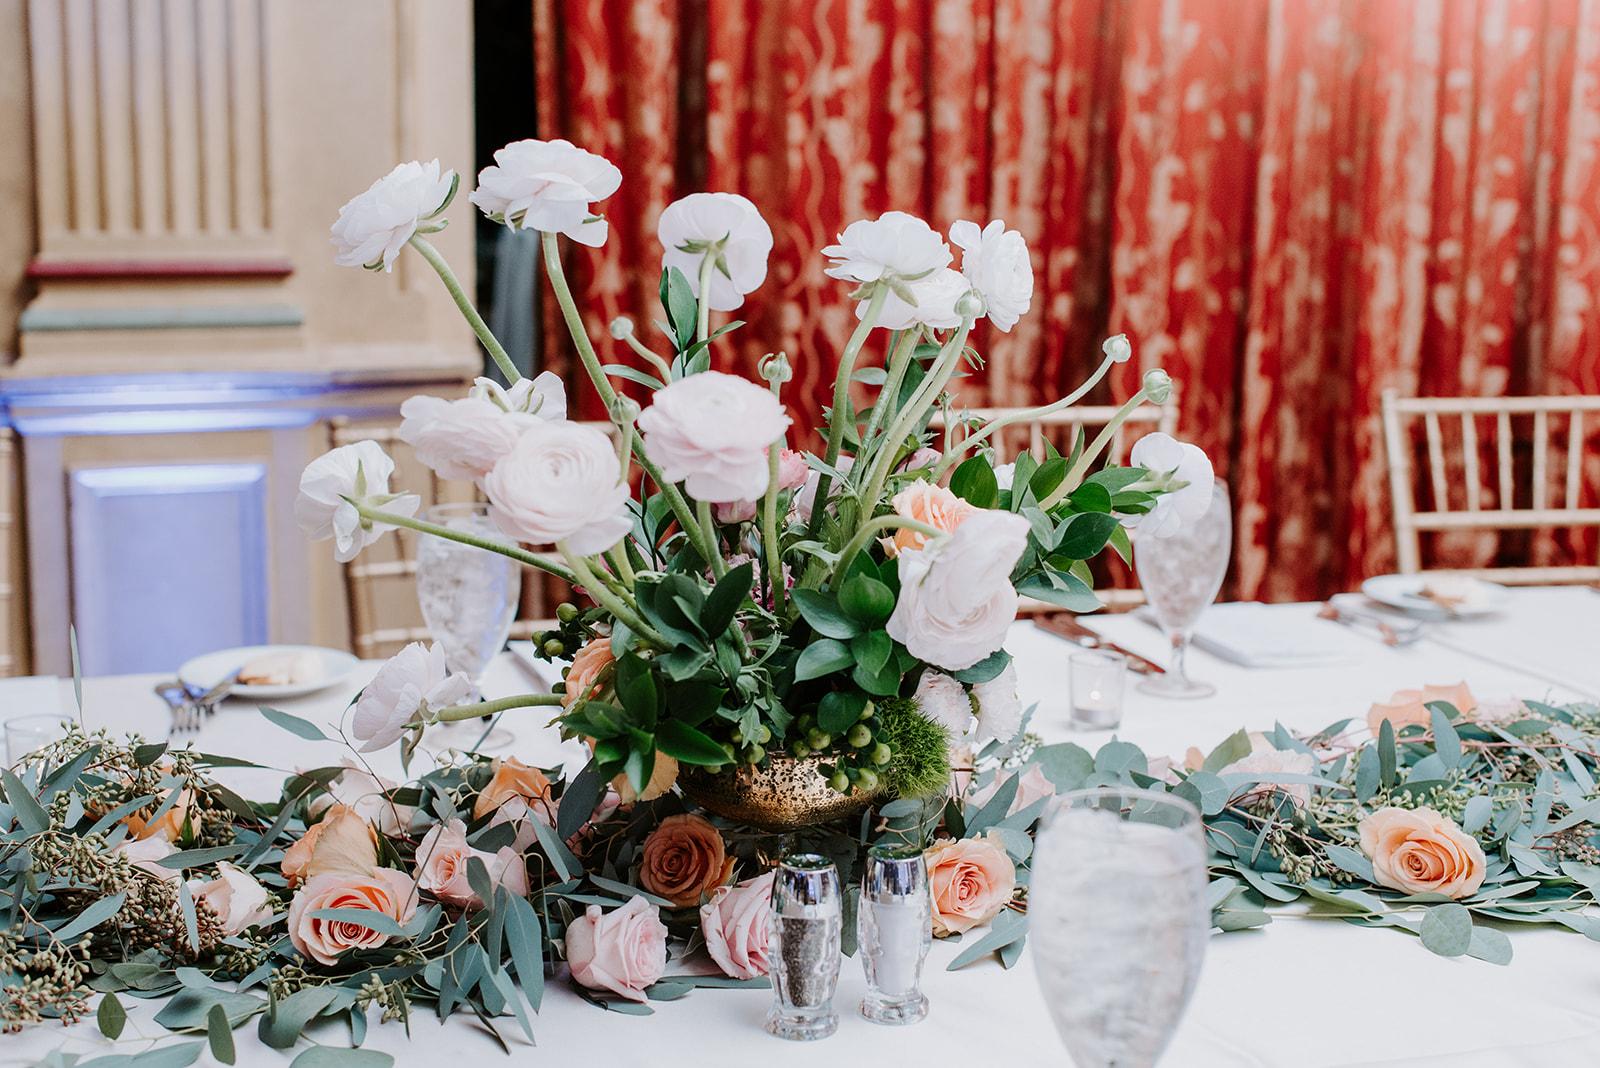 mrandmrsarcher_fortworthclub_wedding_kateandrew-501.jpg